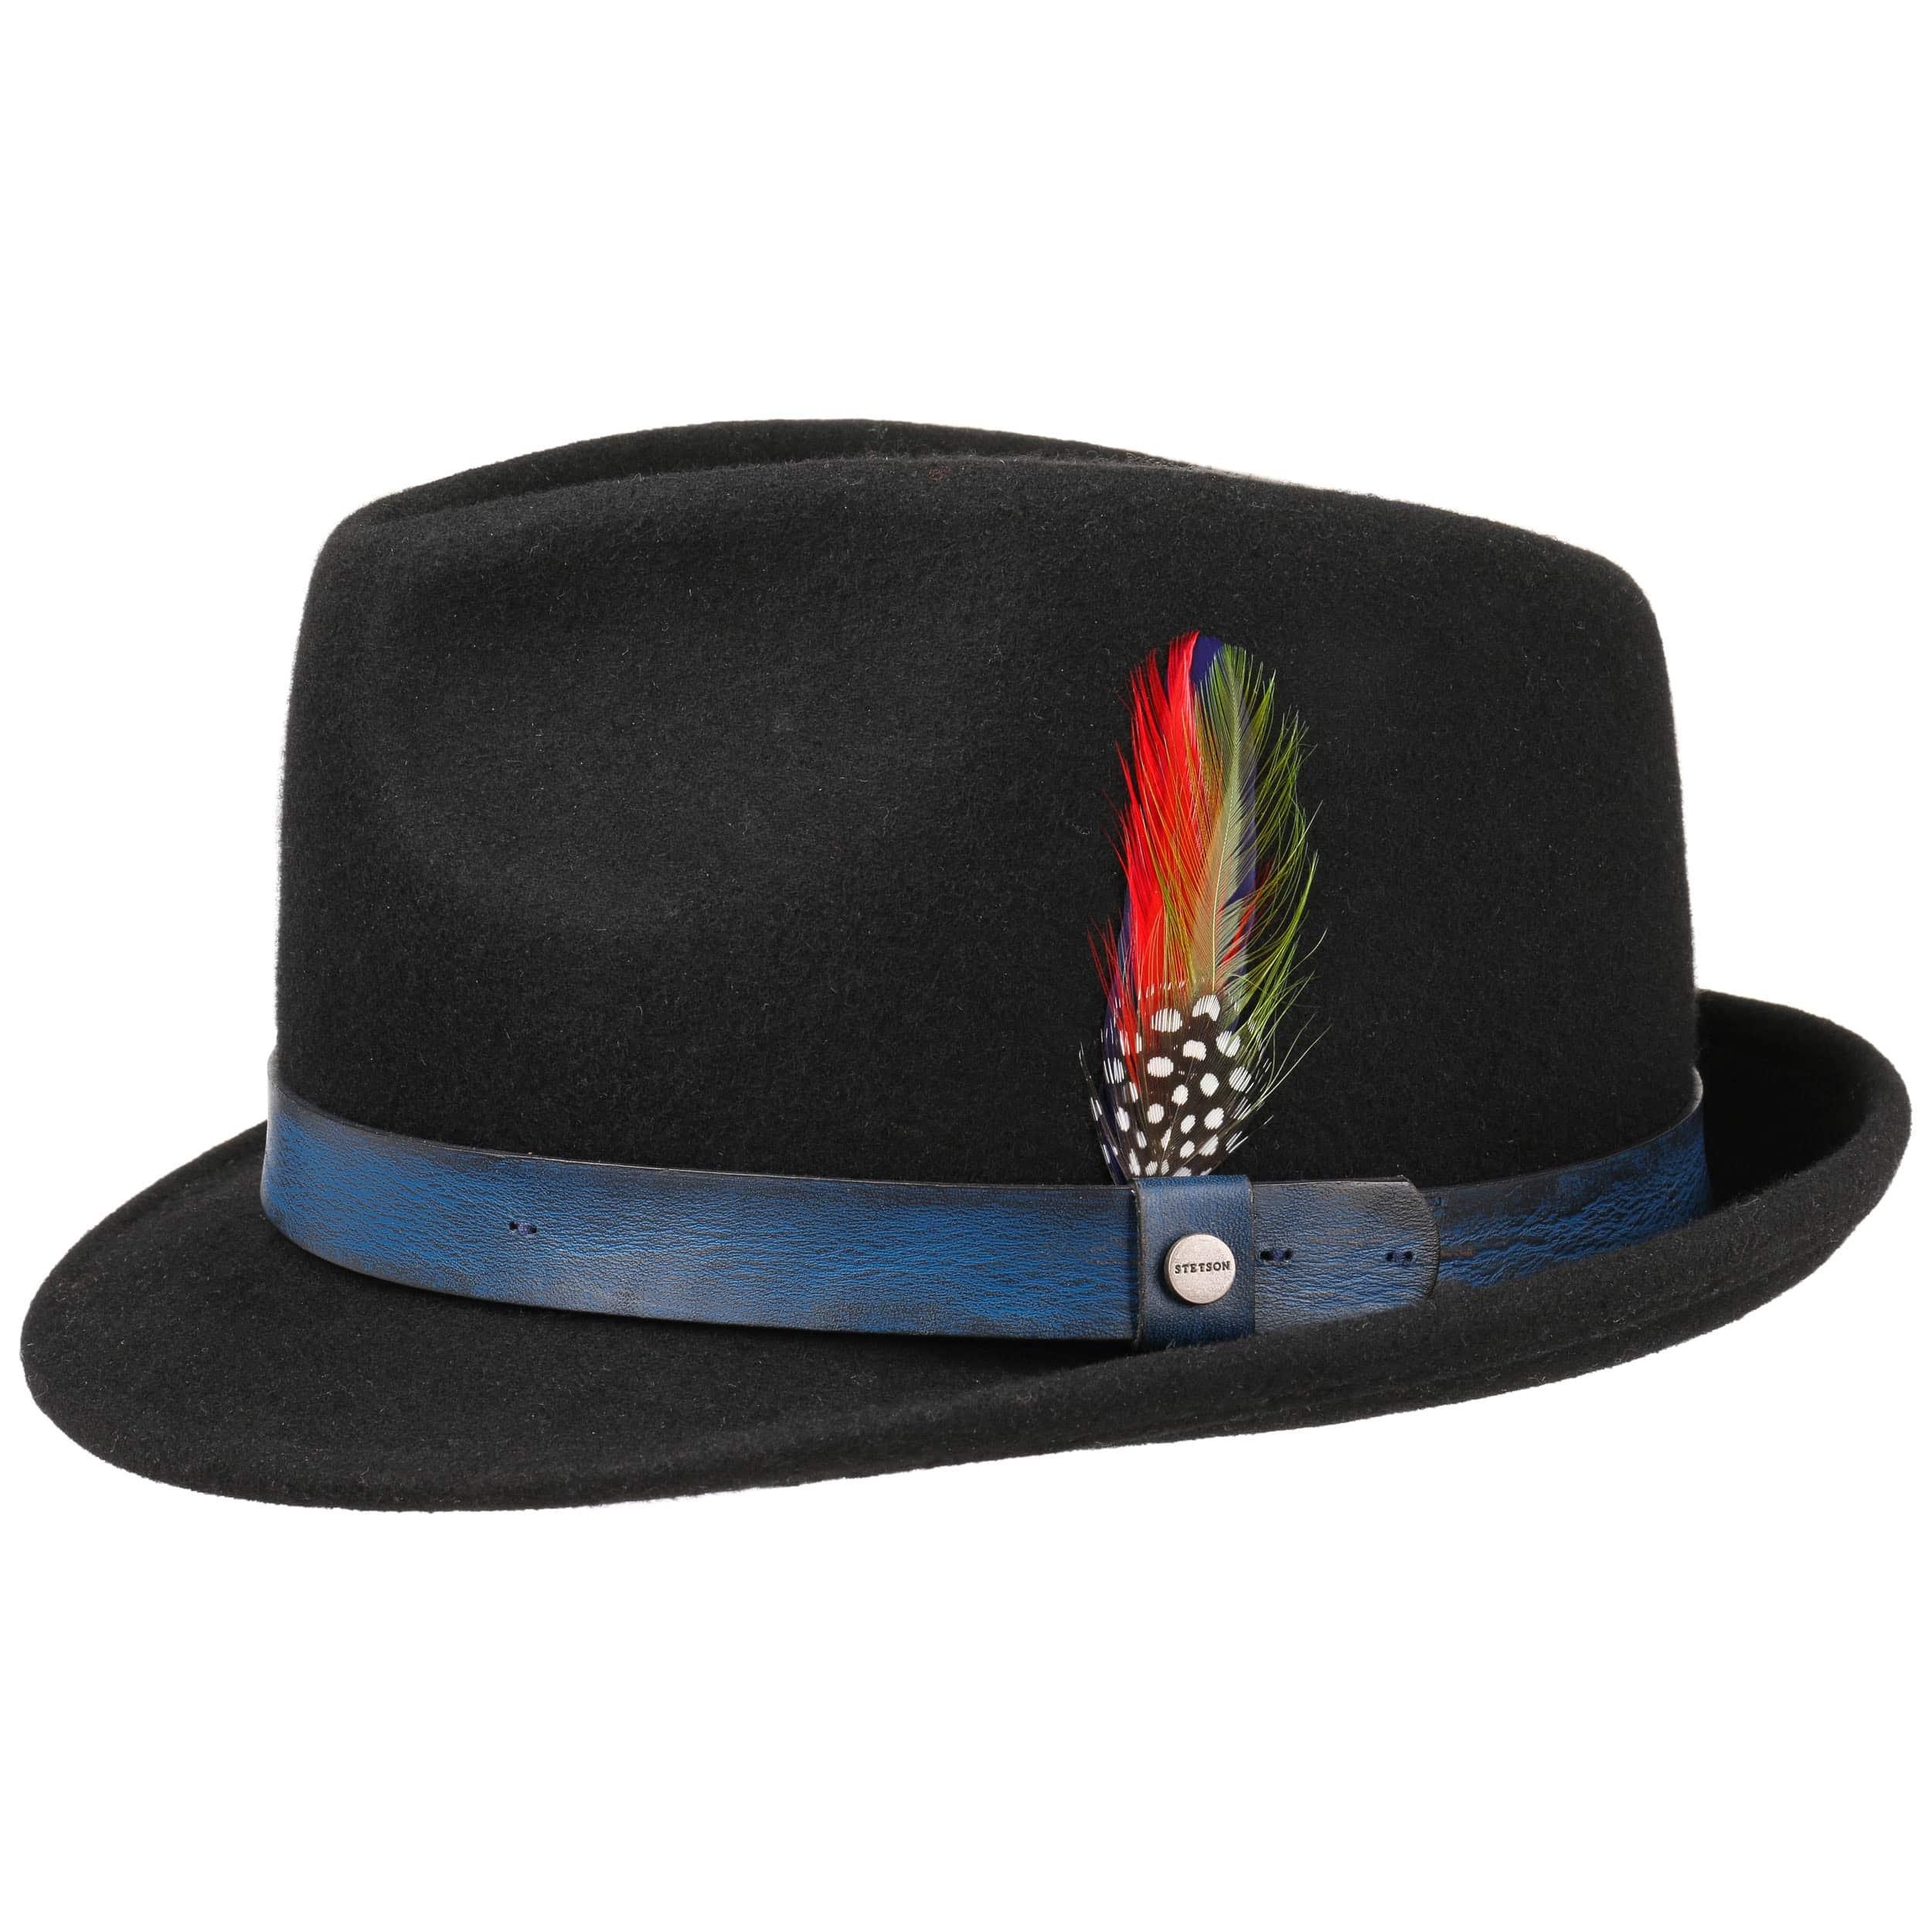 Sombrero de Fieltro Craston Trilby by Stetson - Sombreros ... a1d0541ec76